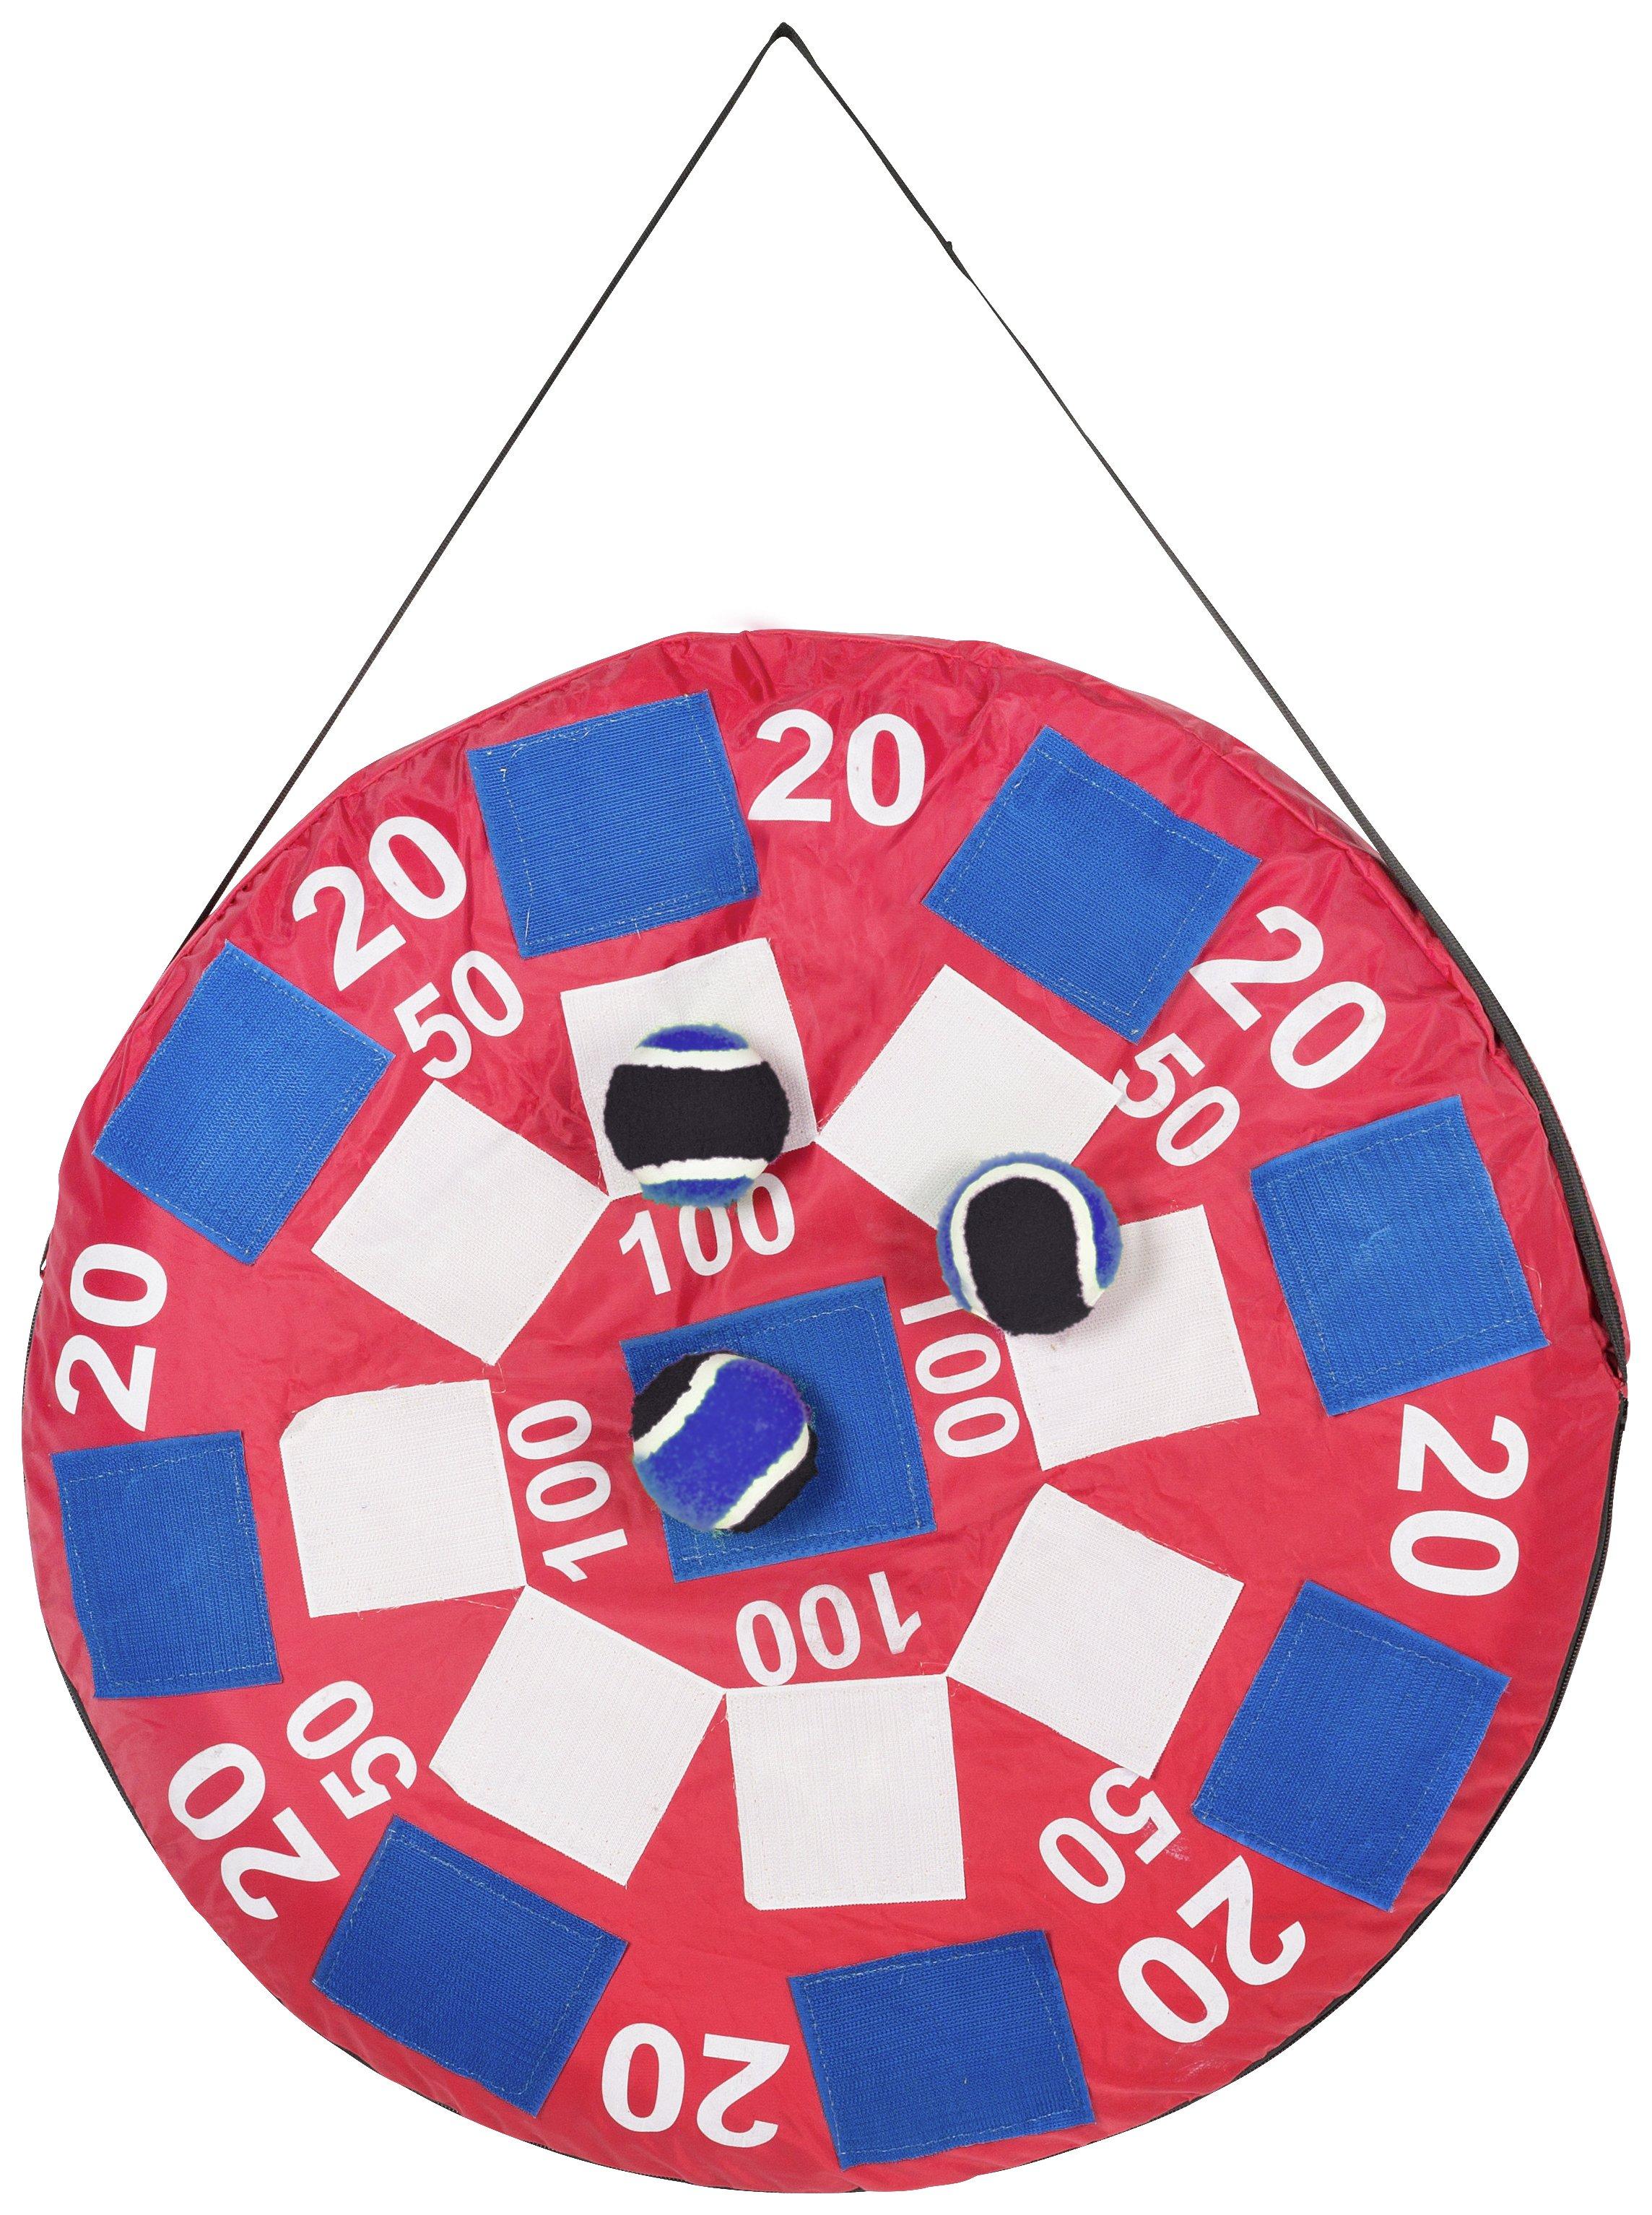 BuitenSpeel Inflatable Darts Game